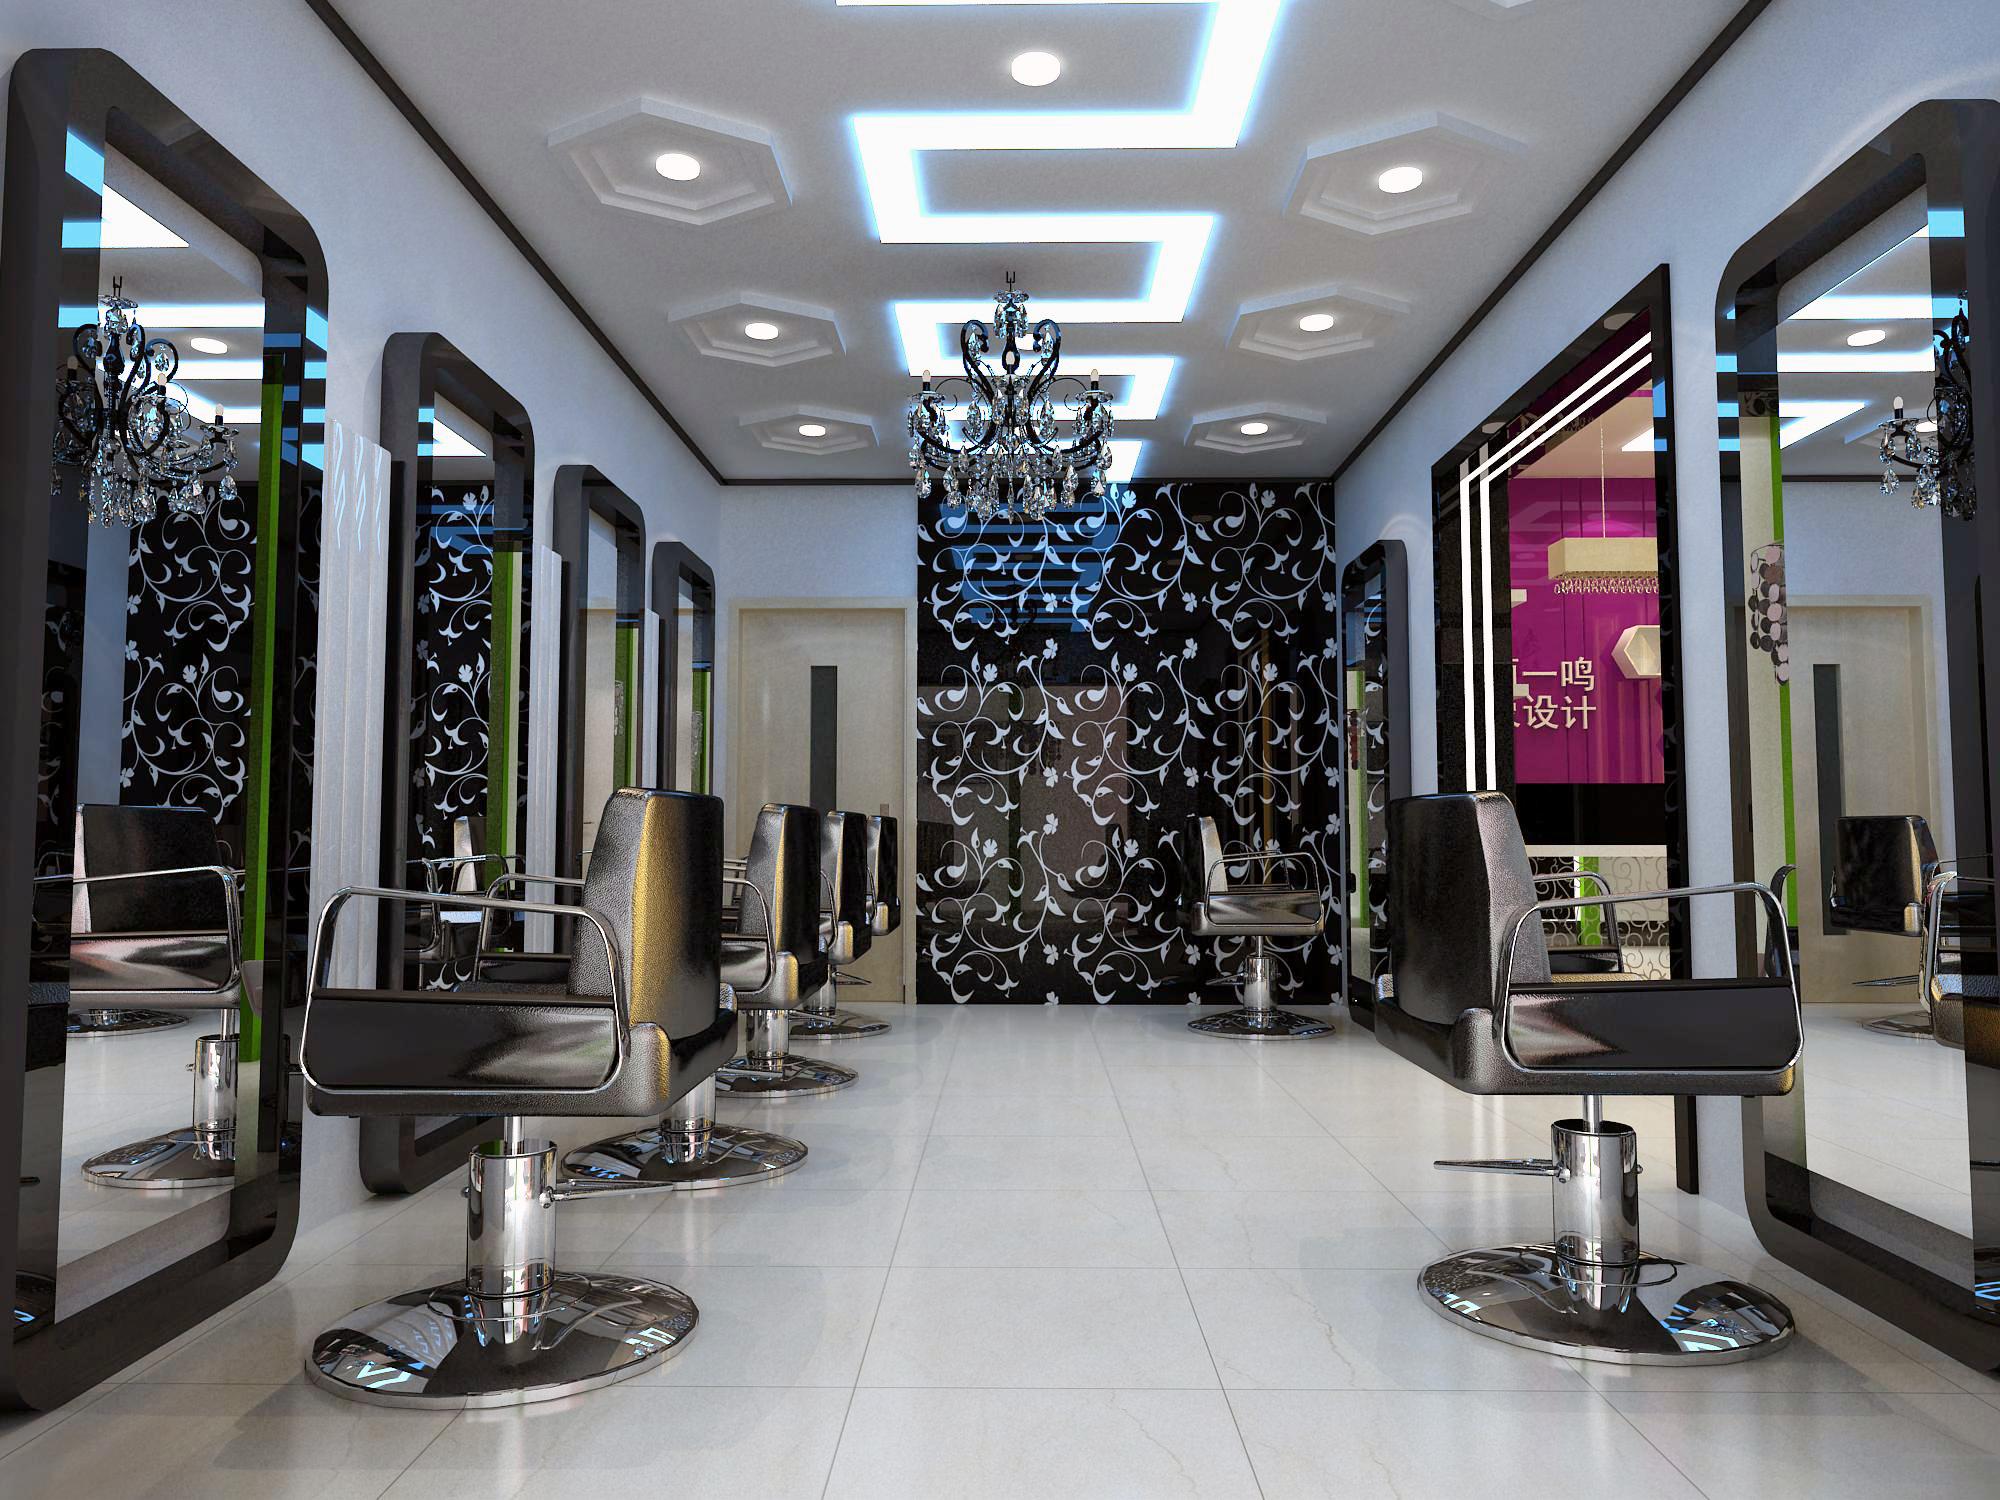 发廊装修设计 发廊装饰装修 天津装饰公司 装修装饰专业公司 北辰区发